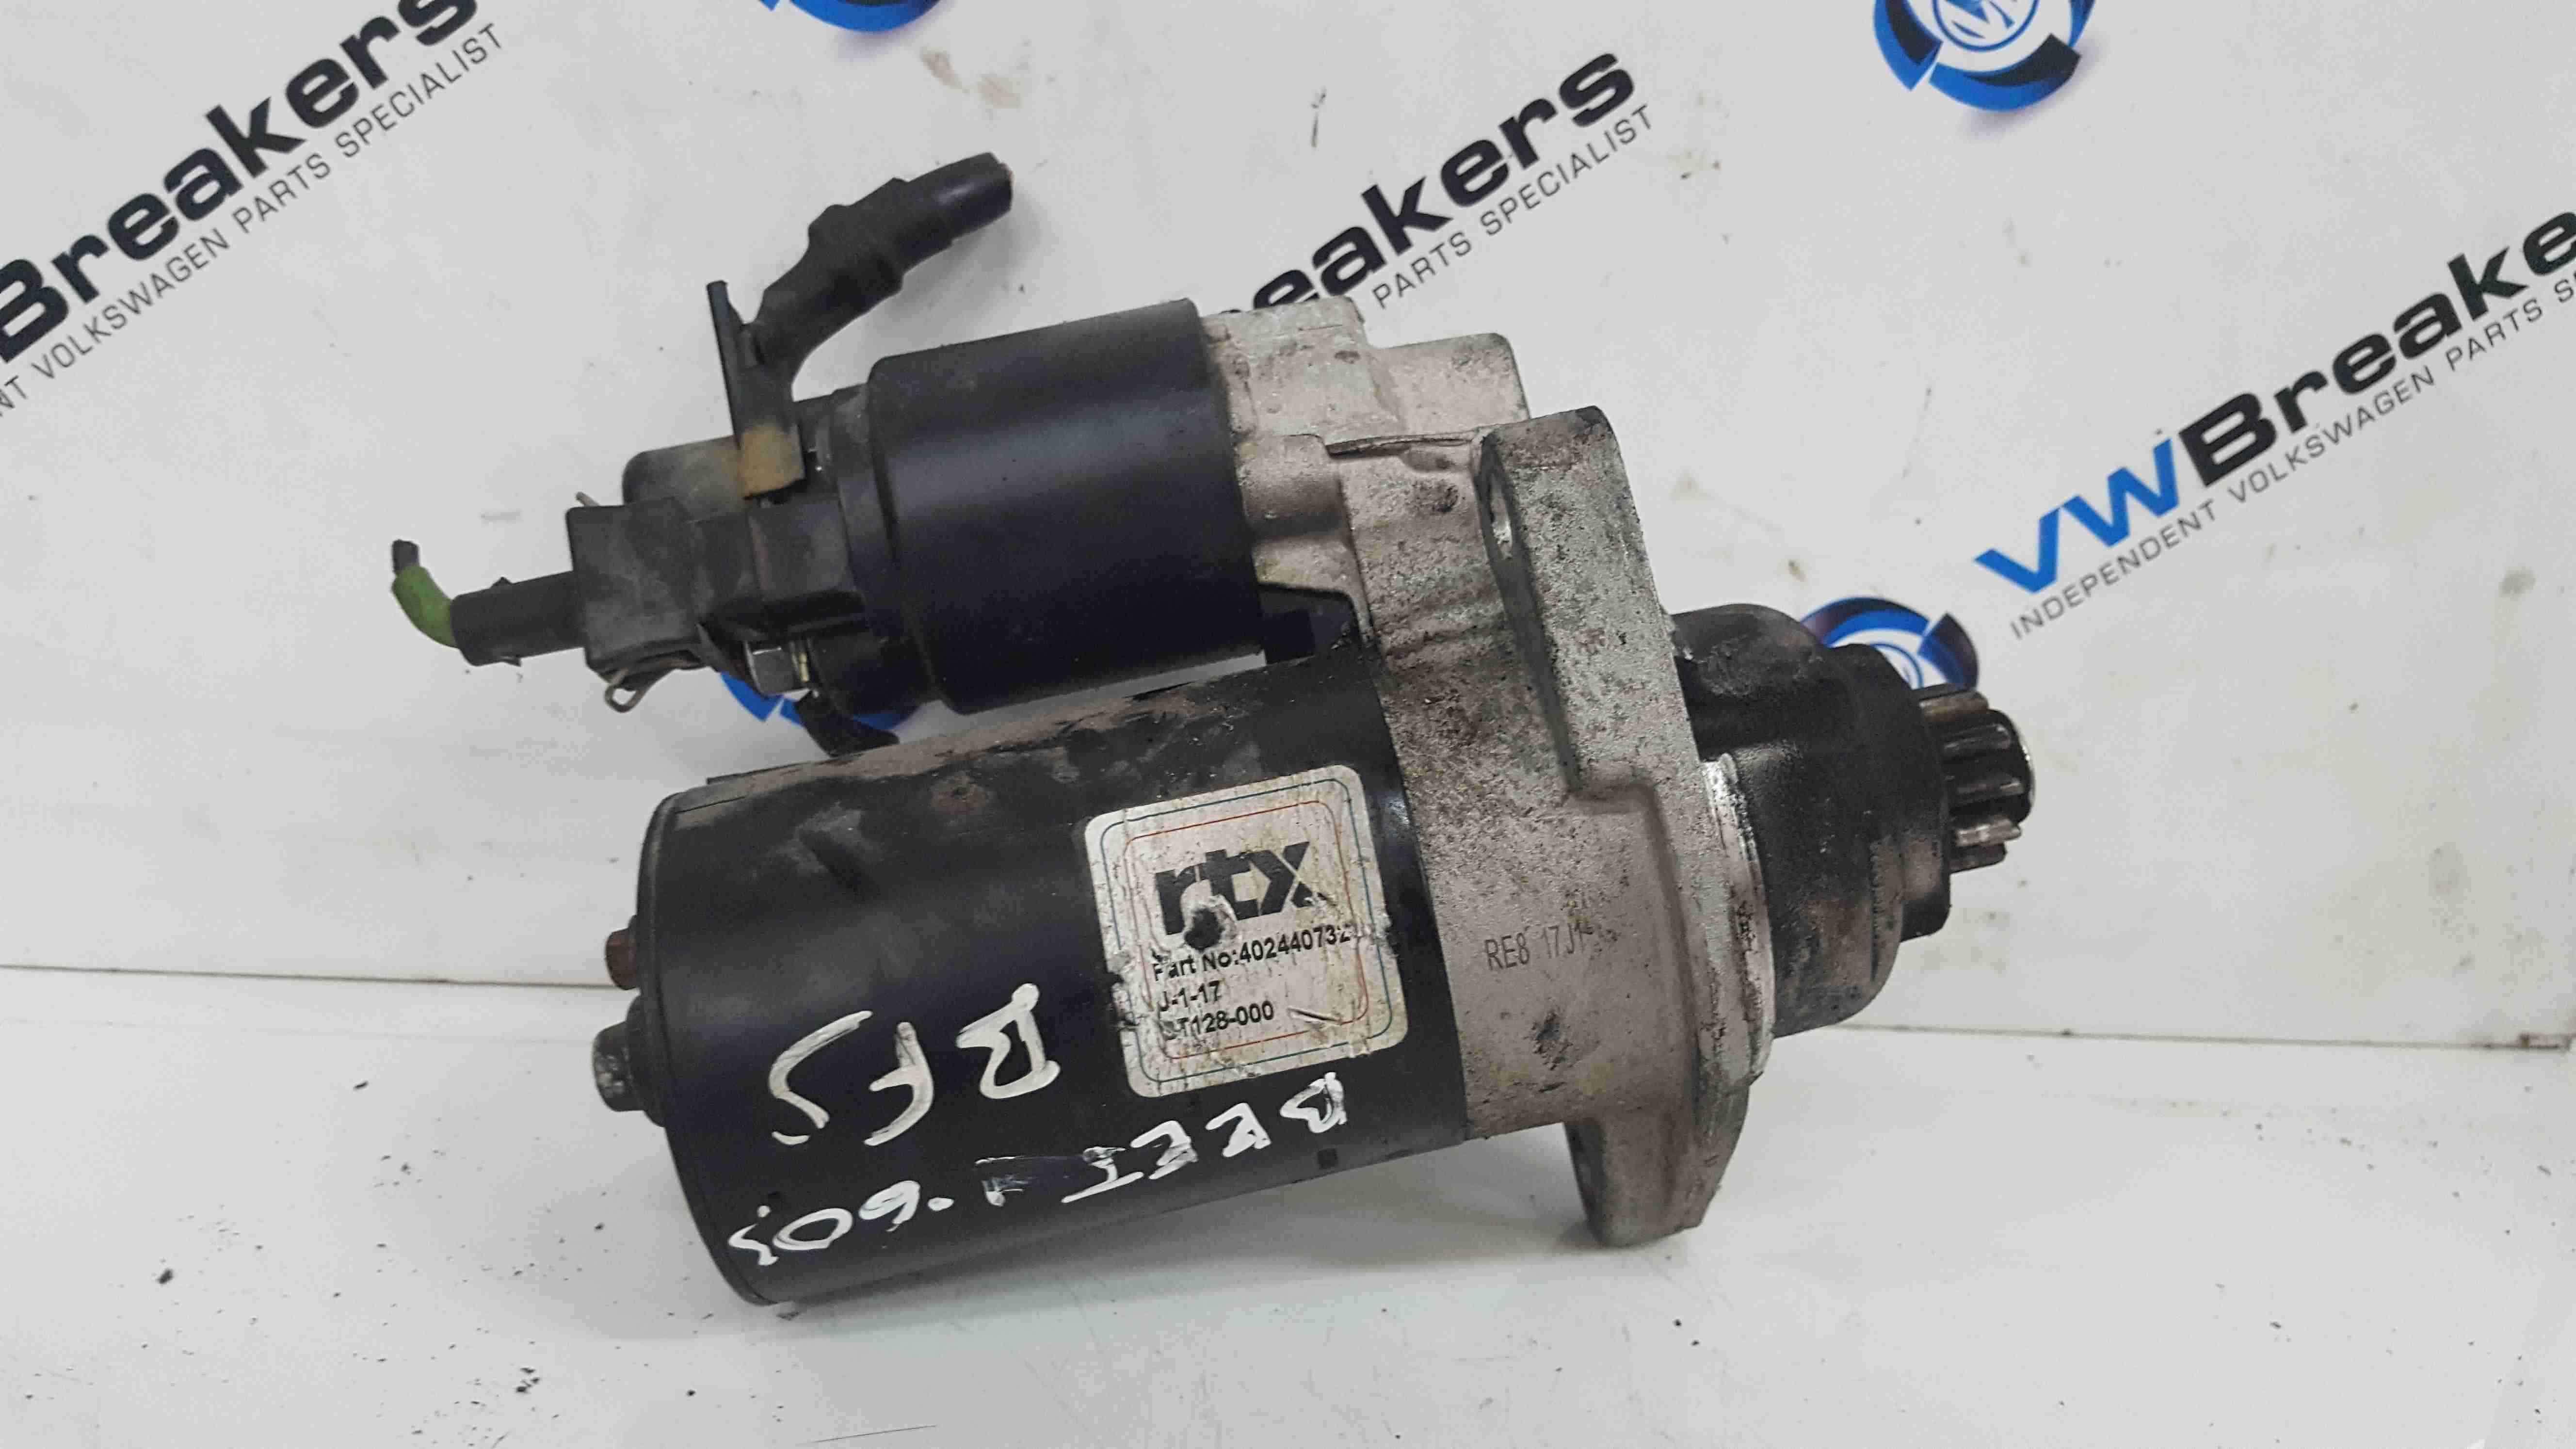 Volkswagen Beetle 1998-2006 1.6 8v Starter Motor RTX 402440732